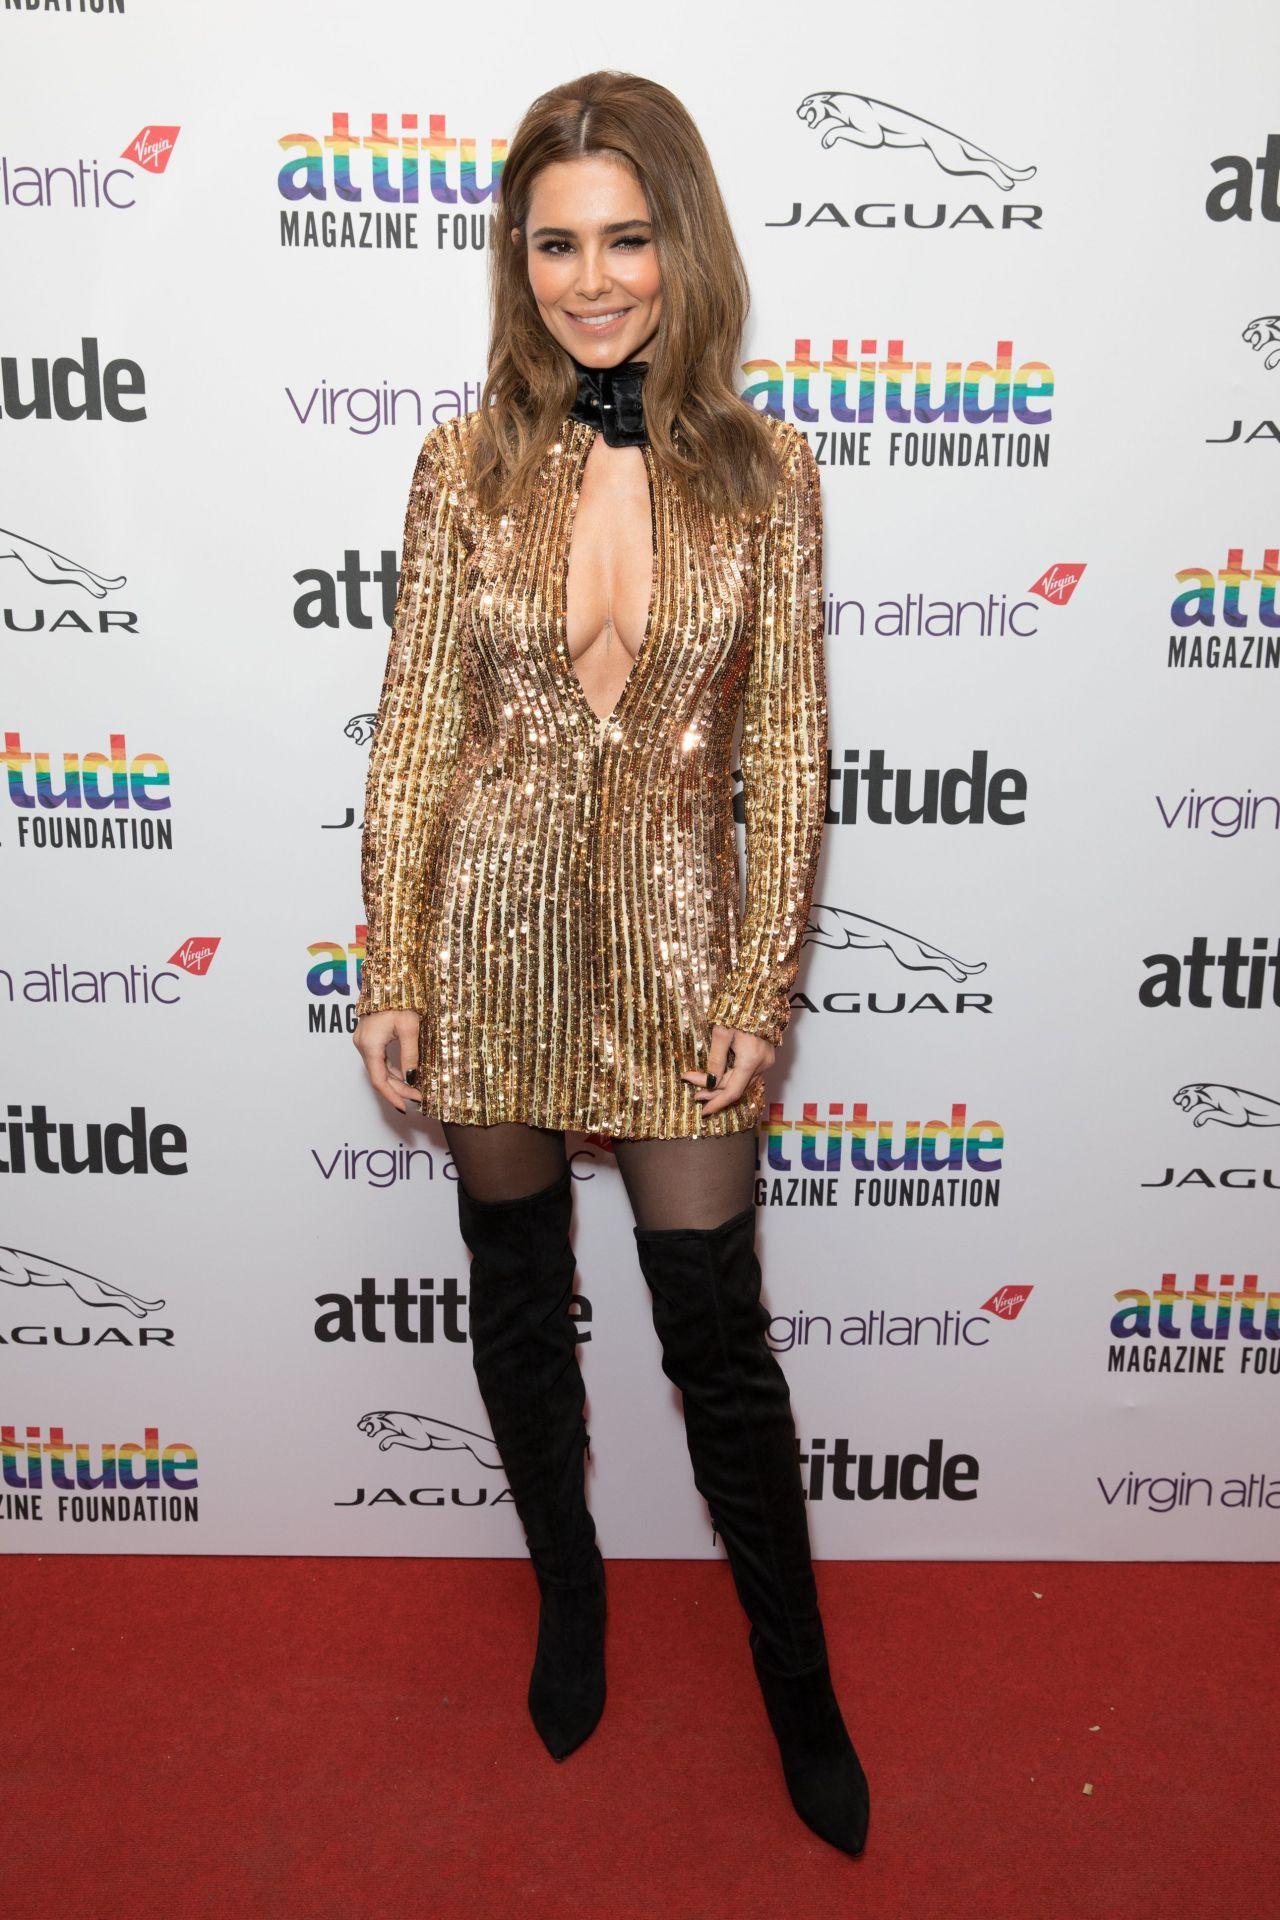 cheryl-cole-in-attico-@-the-2019-virgin-atlantic-attitude-awards